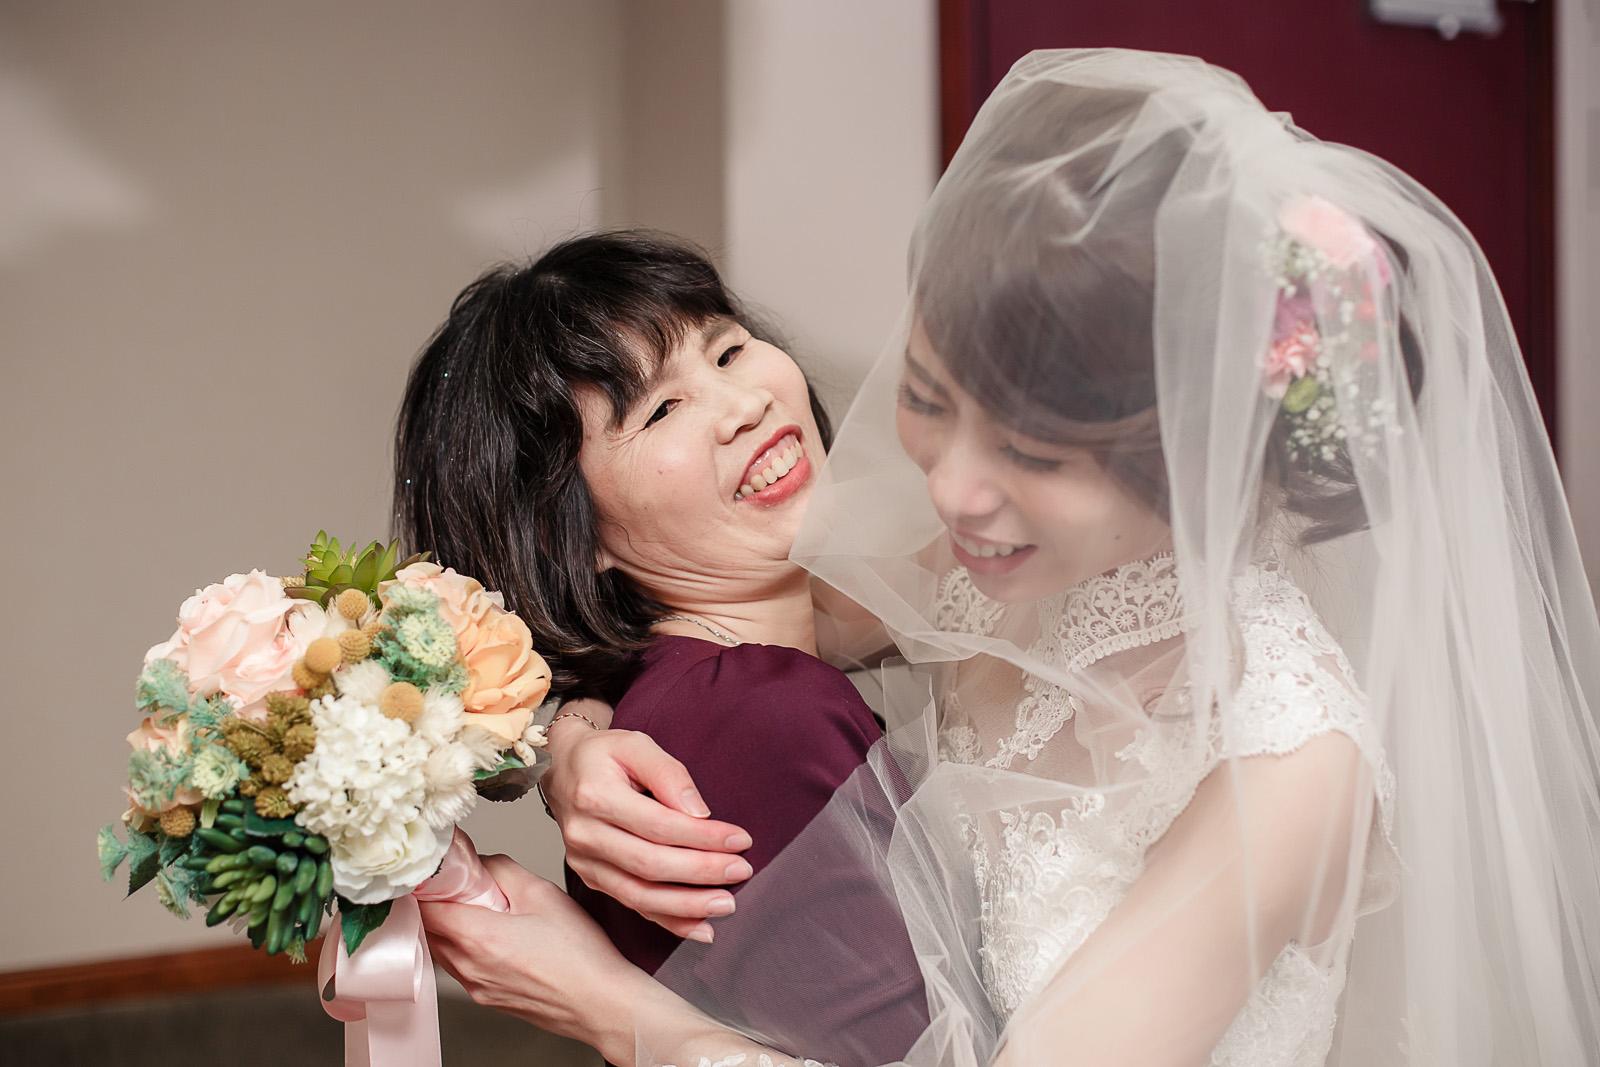 高雄圓山飯店,婚禮攝影,婚攝,高雄婚攝,優質婚攝推薦,Jen&Ethan-151